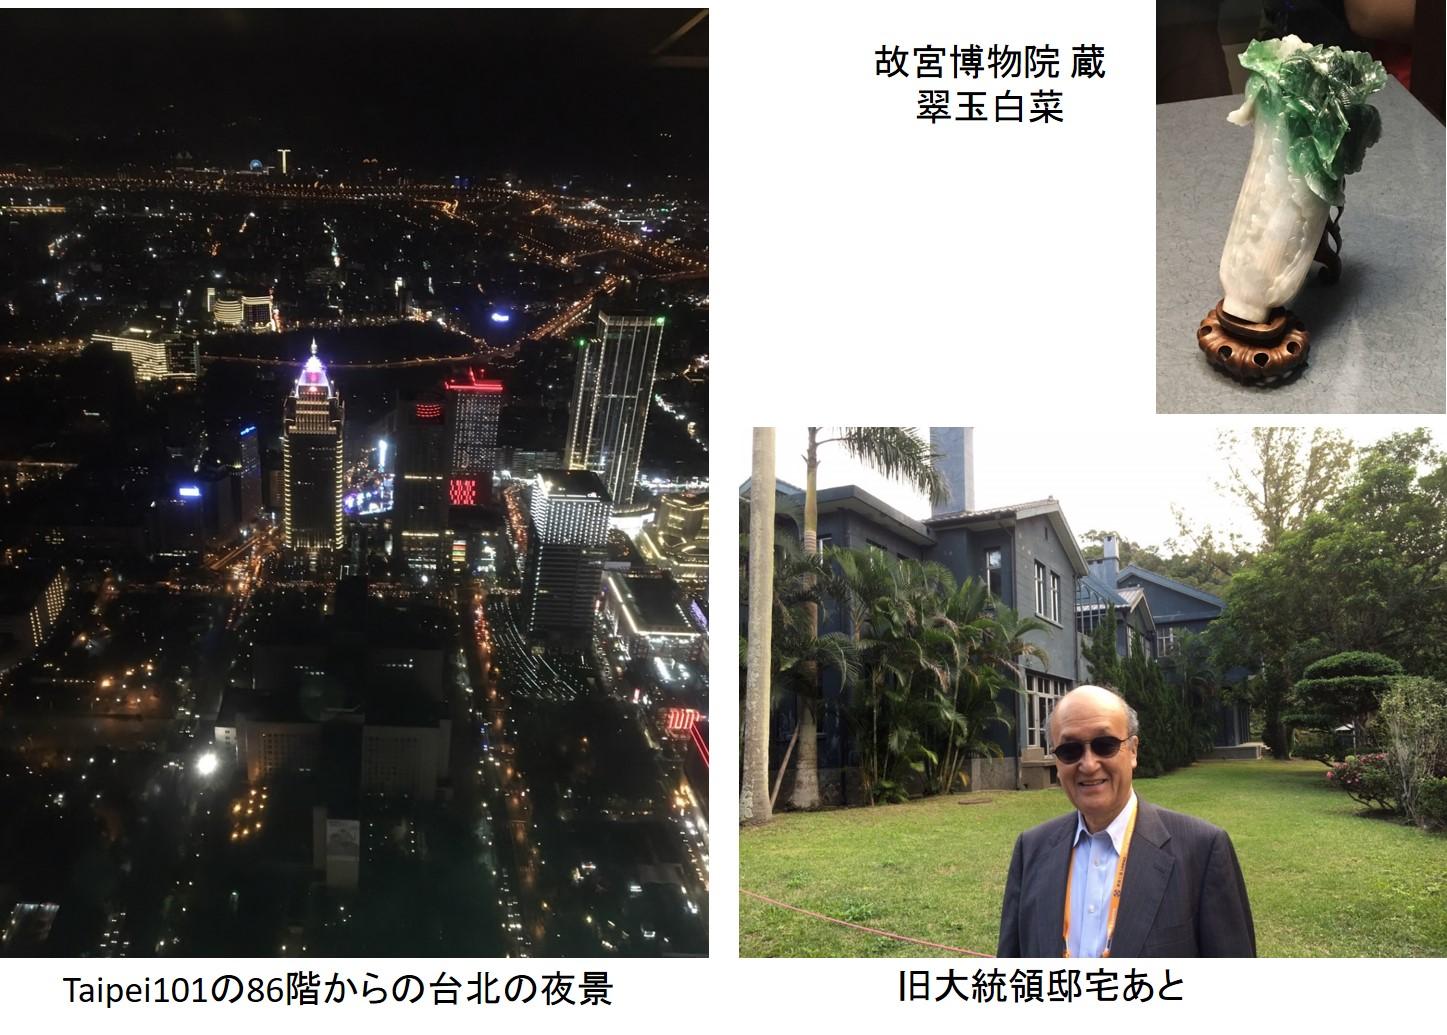 http://osamura-newpath.com/%E5%8F%B0%E5%8C%97.2016APSMI.jpg